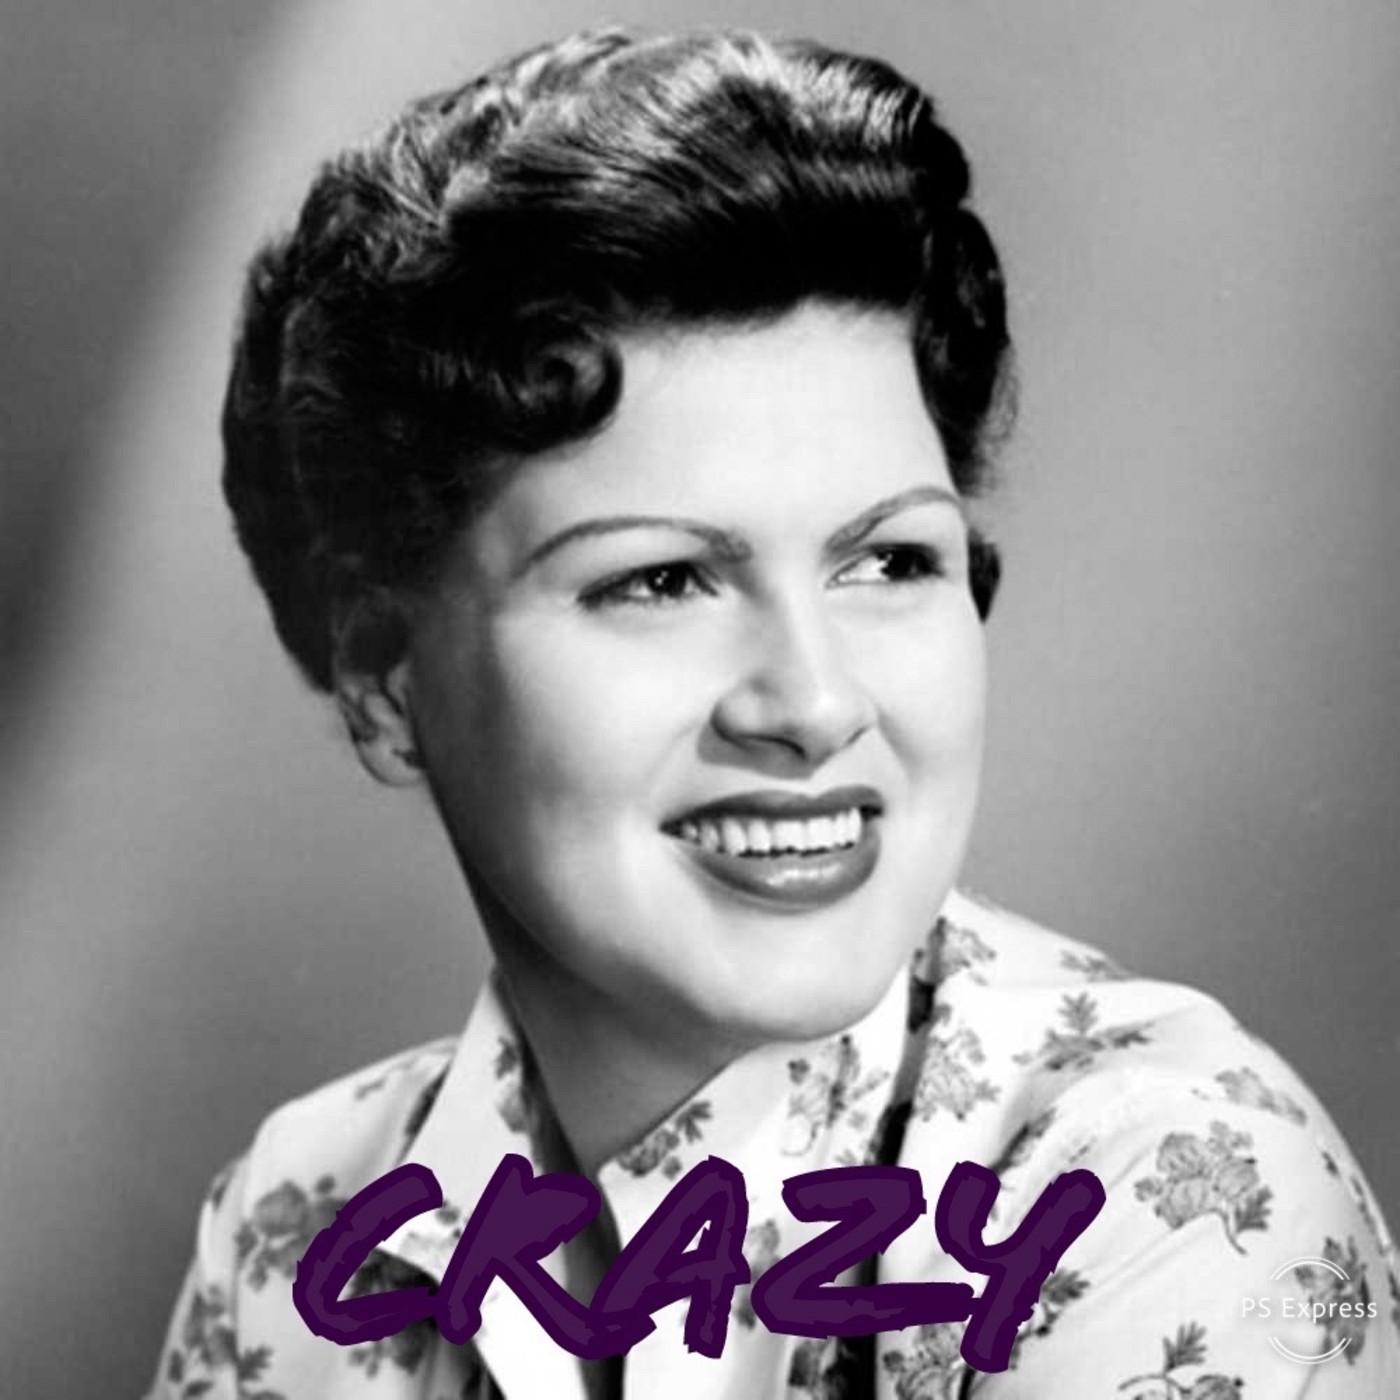 Crazy – El dolor que escribió Willie Nelson y cantó Patsy Cline